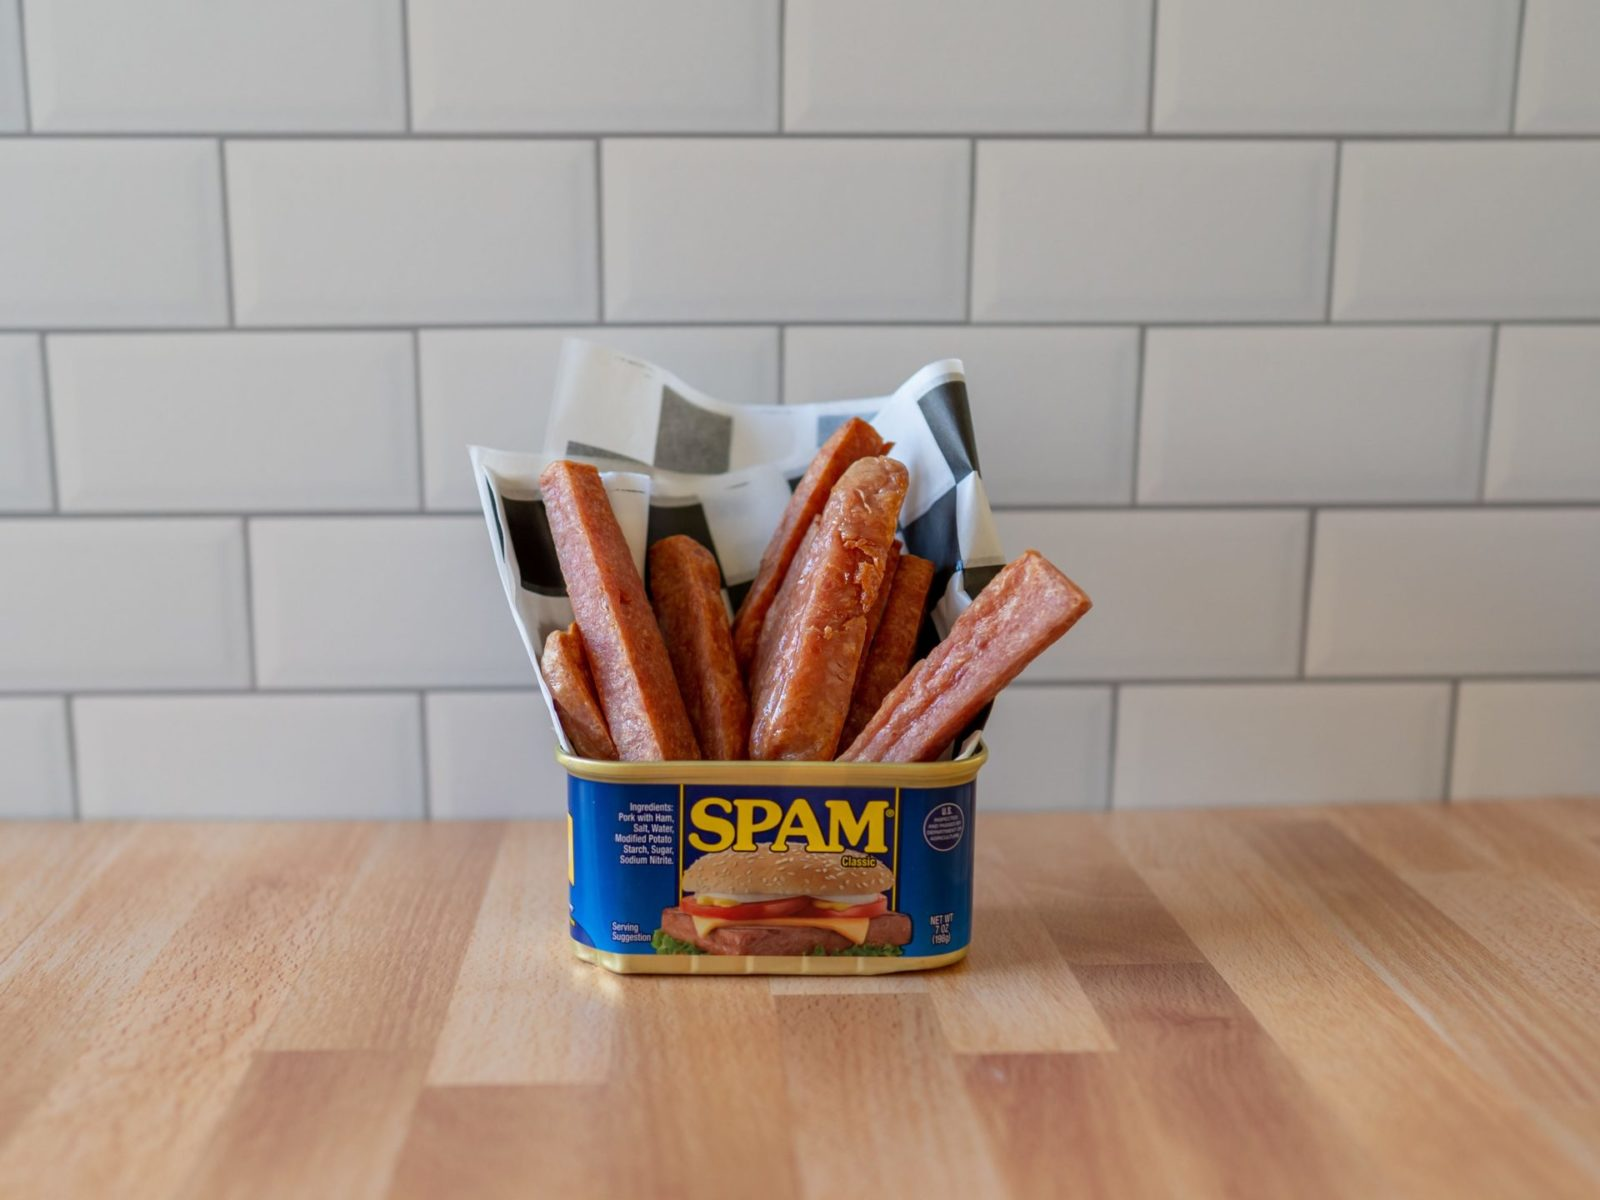 Air fried spam